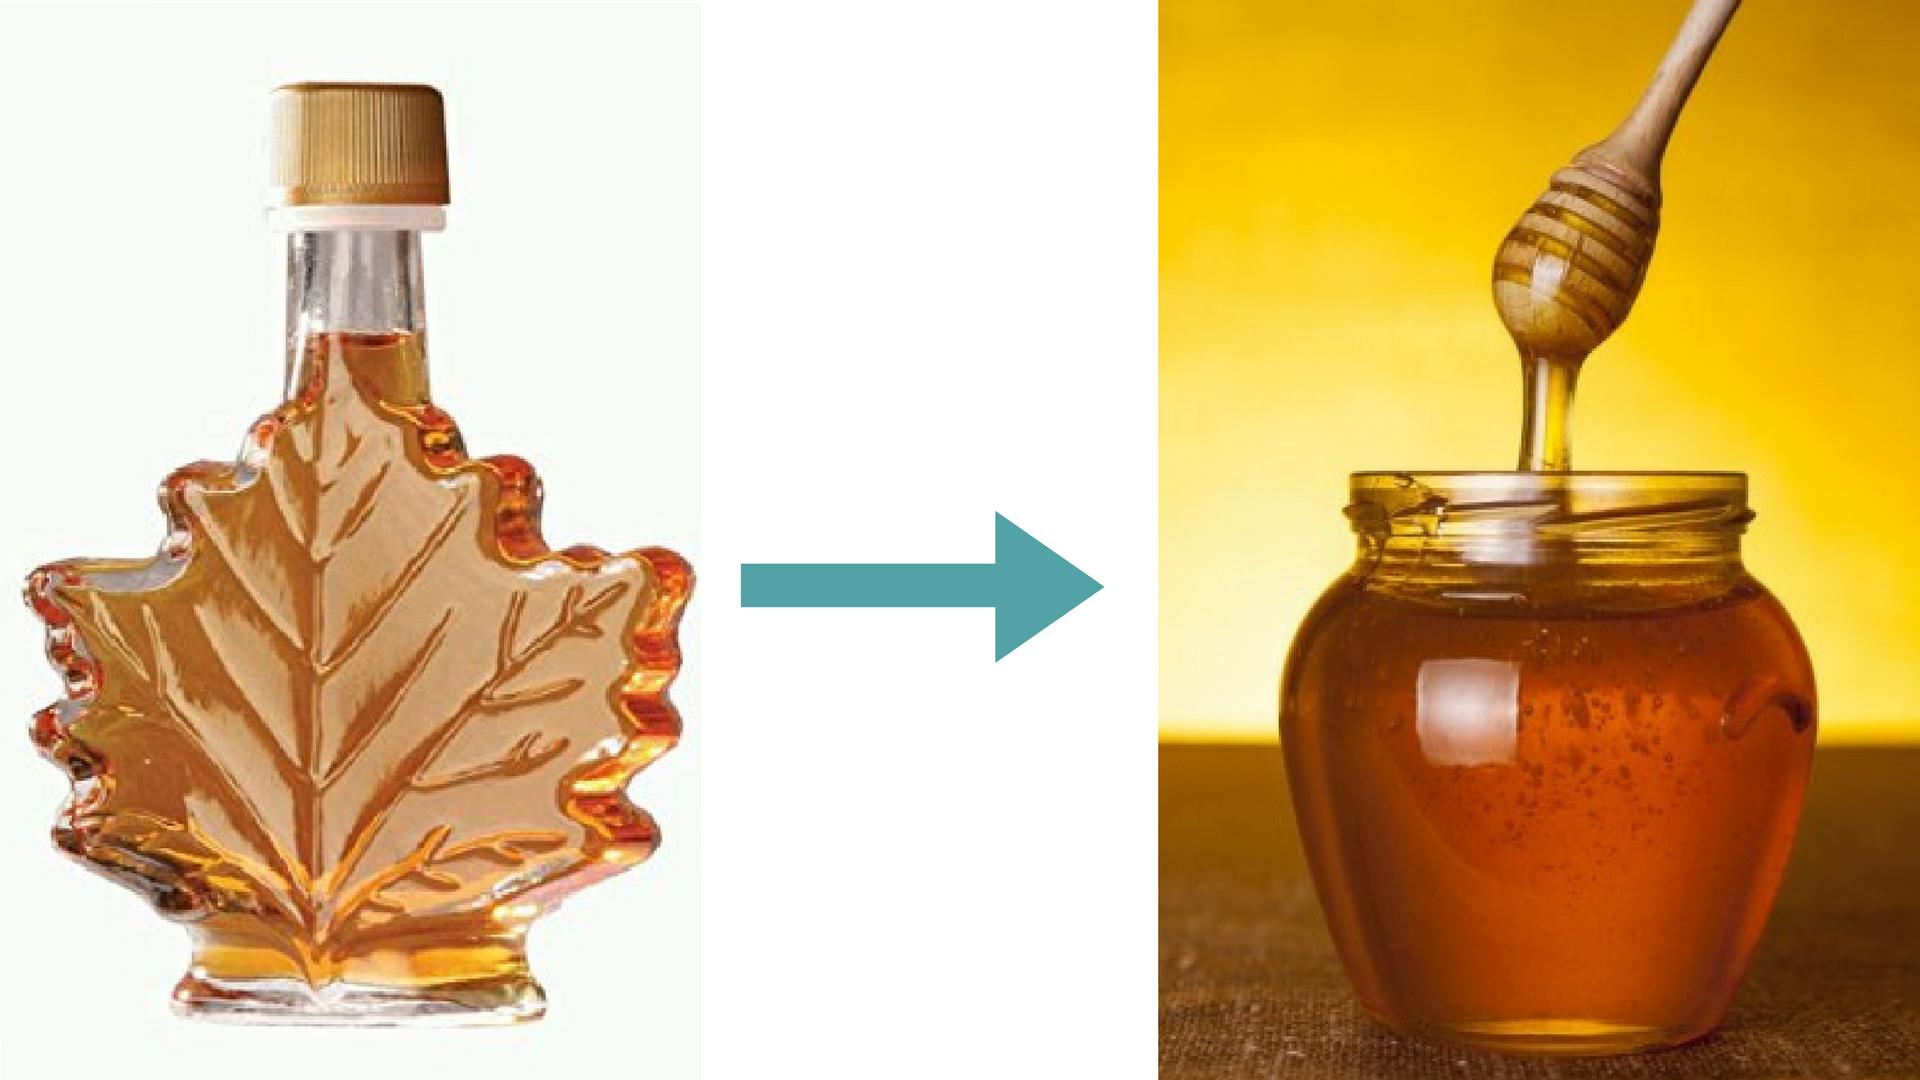 Чим замінити Кленовий сироп в рецептах   Поради господині   Блог Наталі